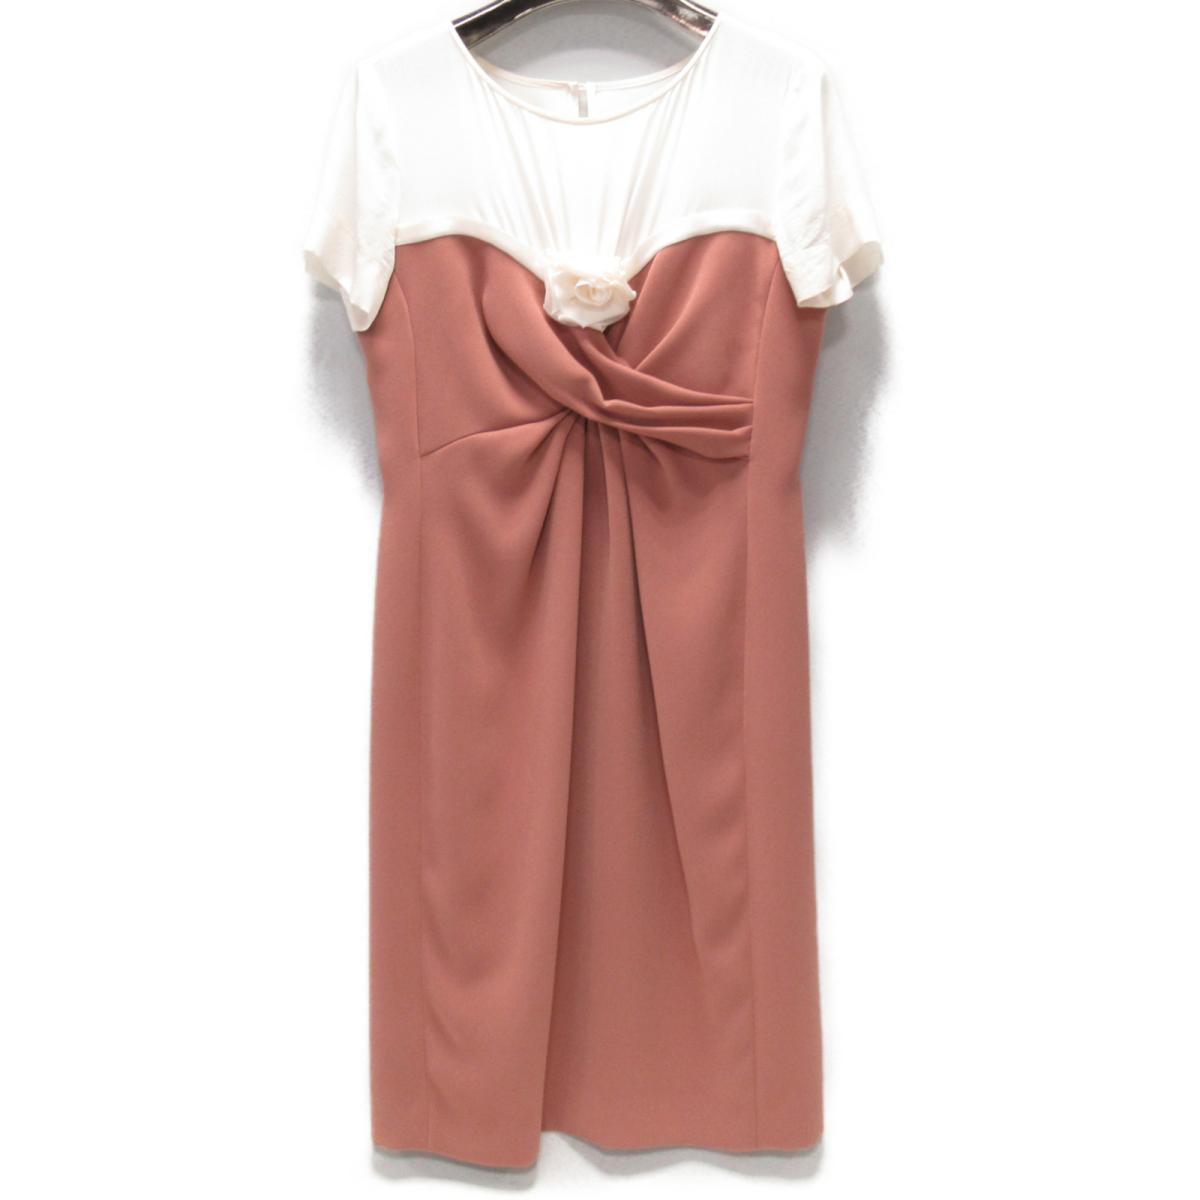 【中古】 モスキーノ ワンピース レディース ポリエステル ピンク x アイボリー | MOSCHINO BRANDOFF ブランドオフ 衣料品 衣類 ブランド